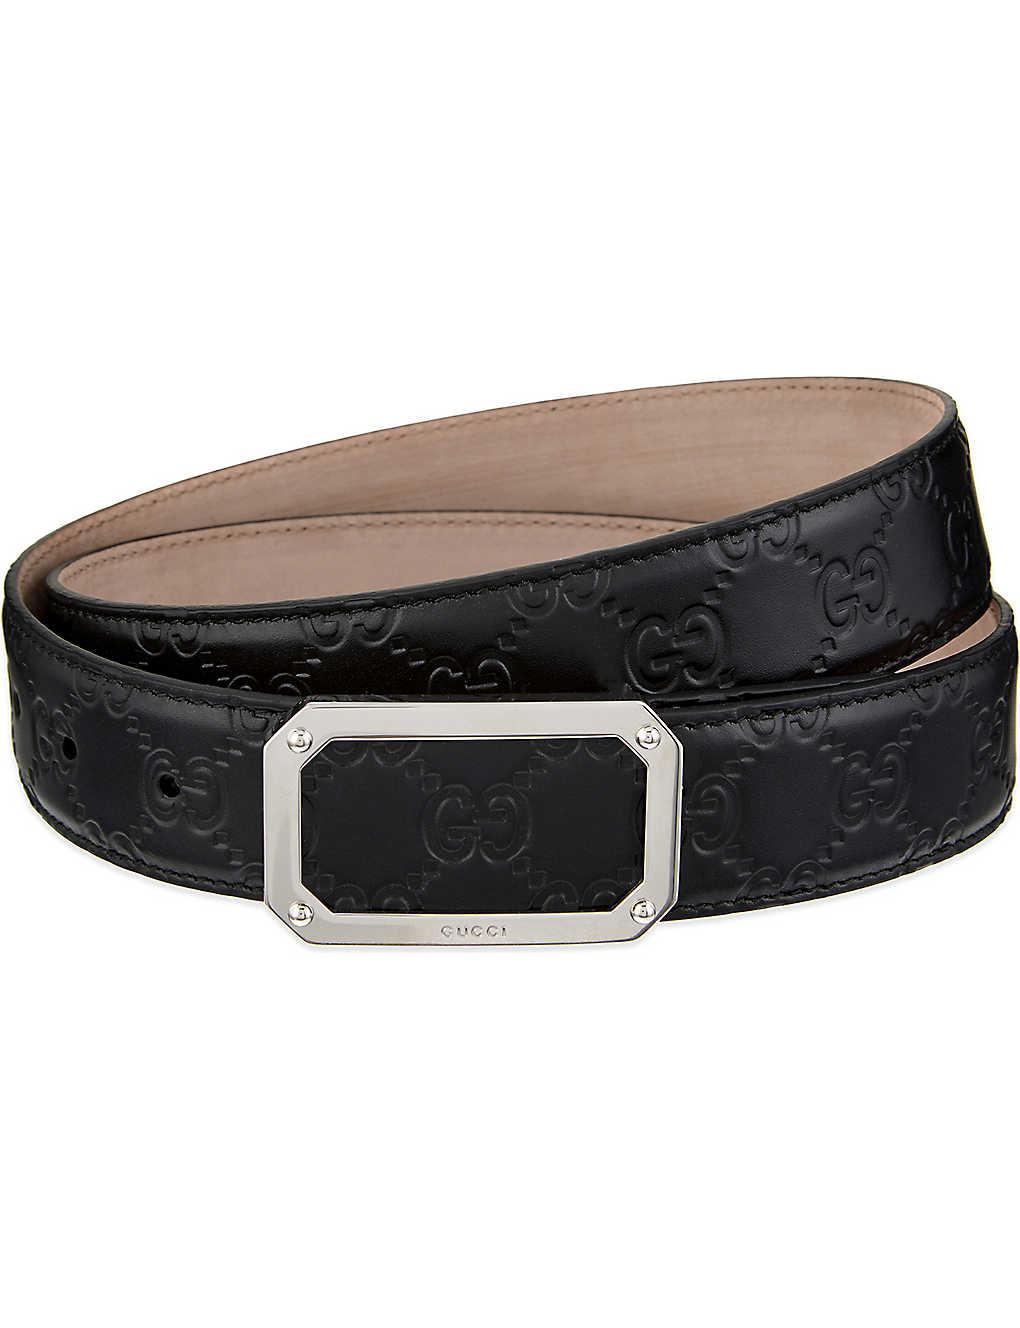 0669b5979 GUCCI - GG leather belt | Selfridges.com